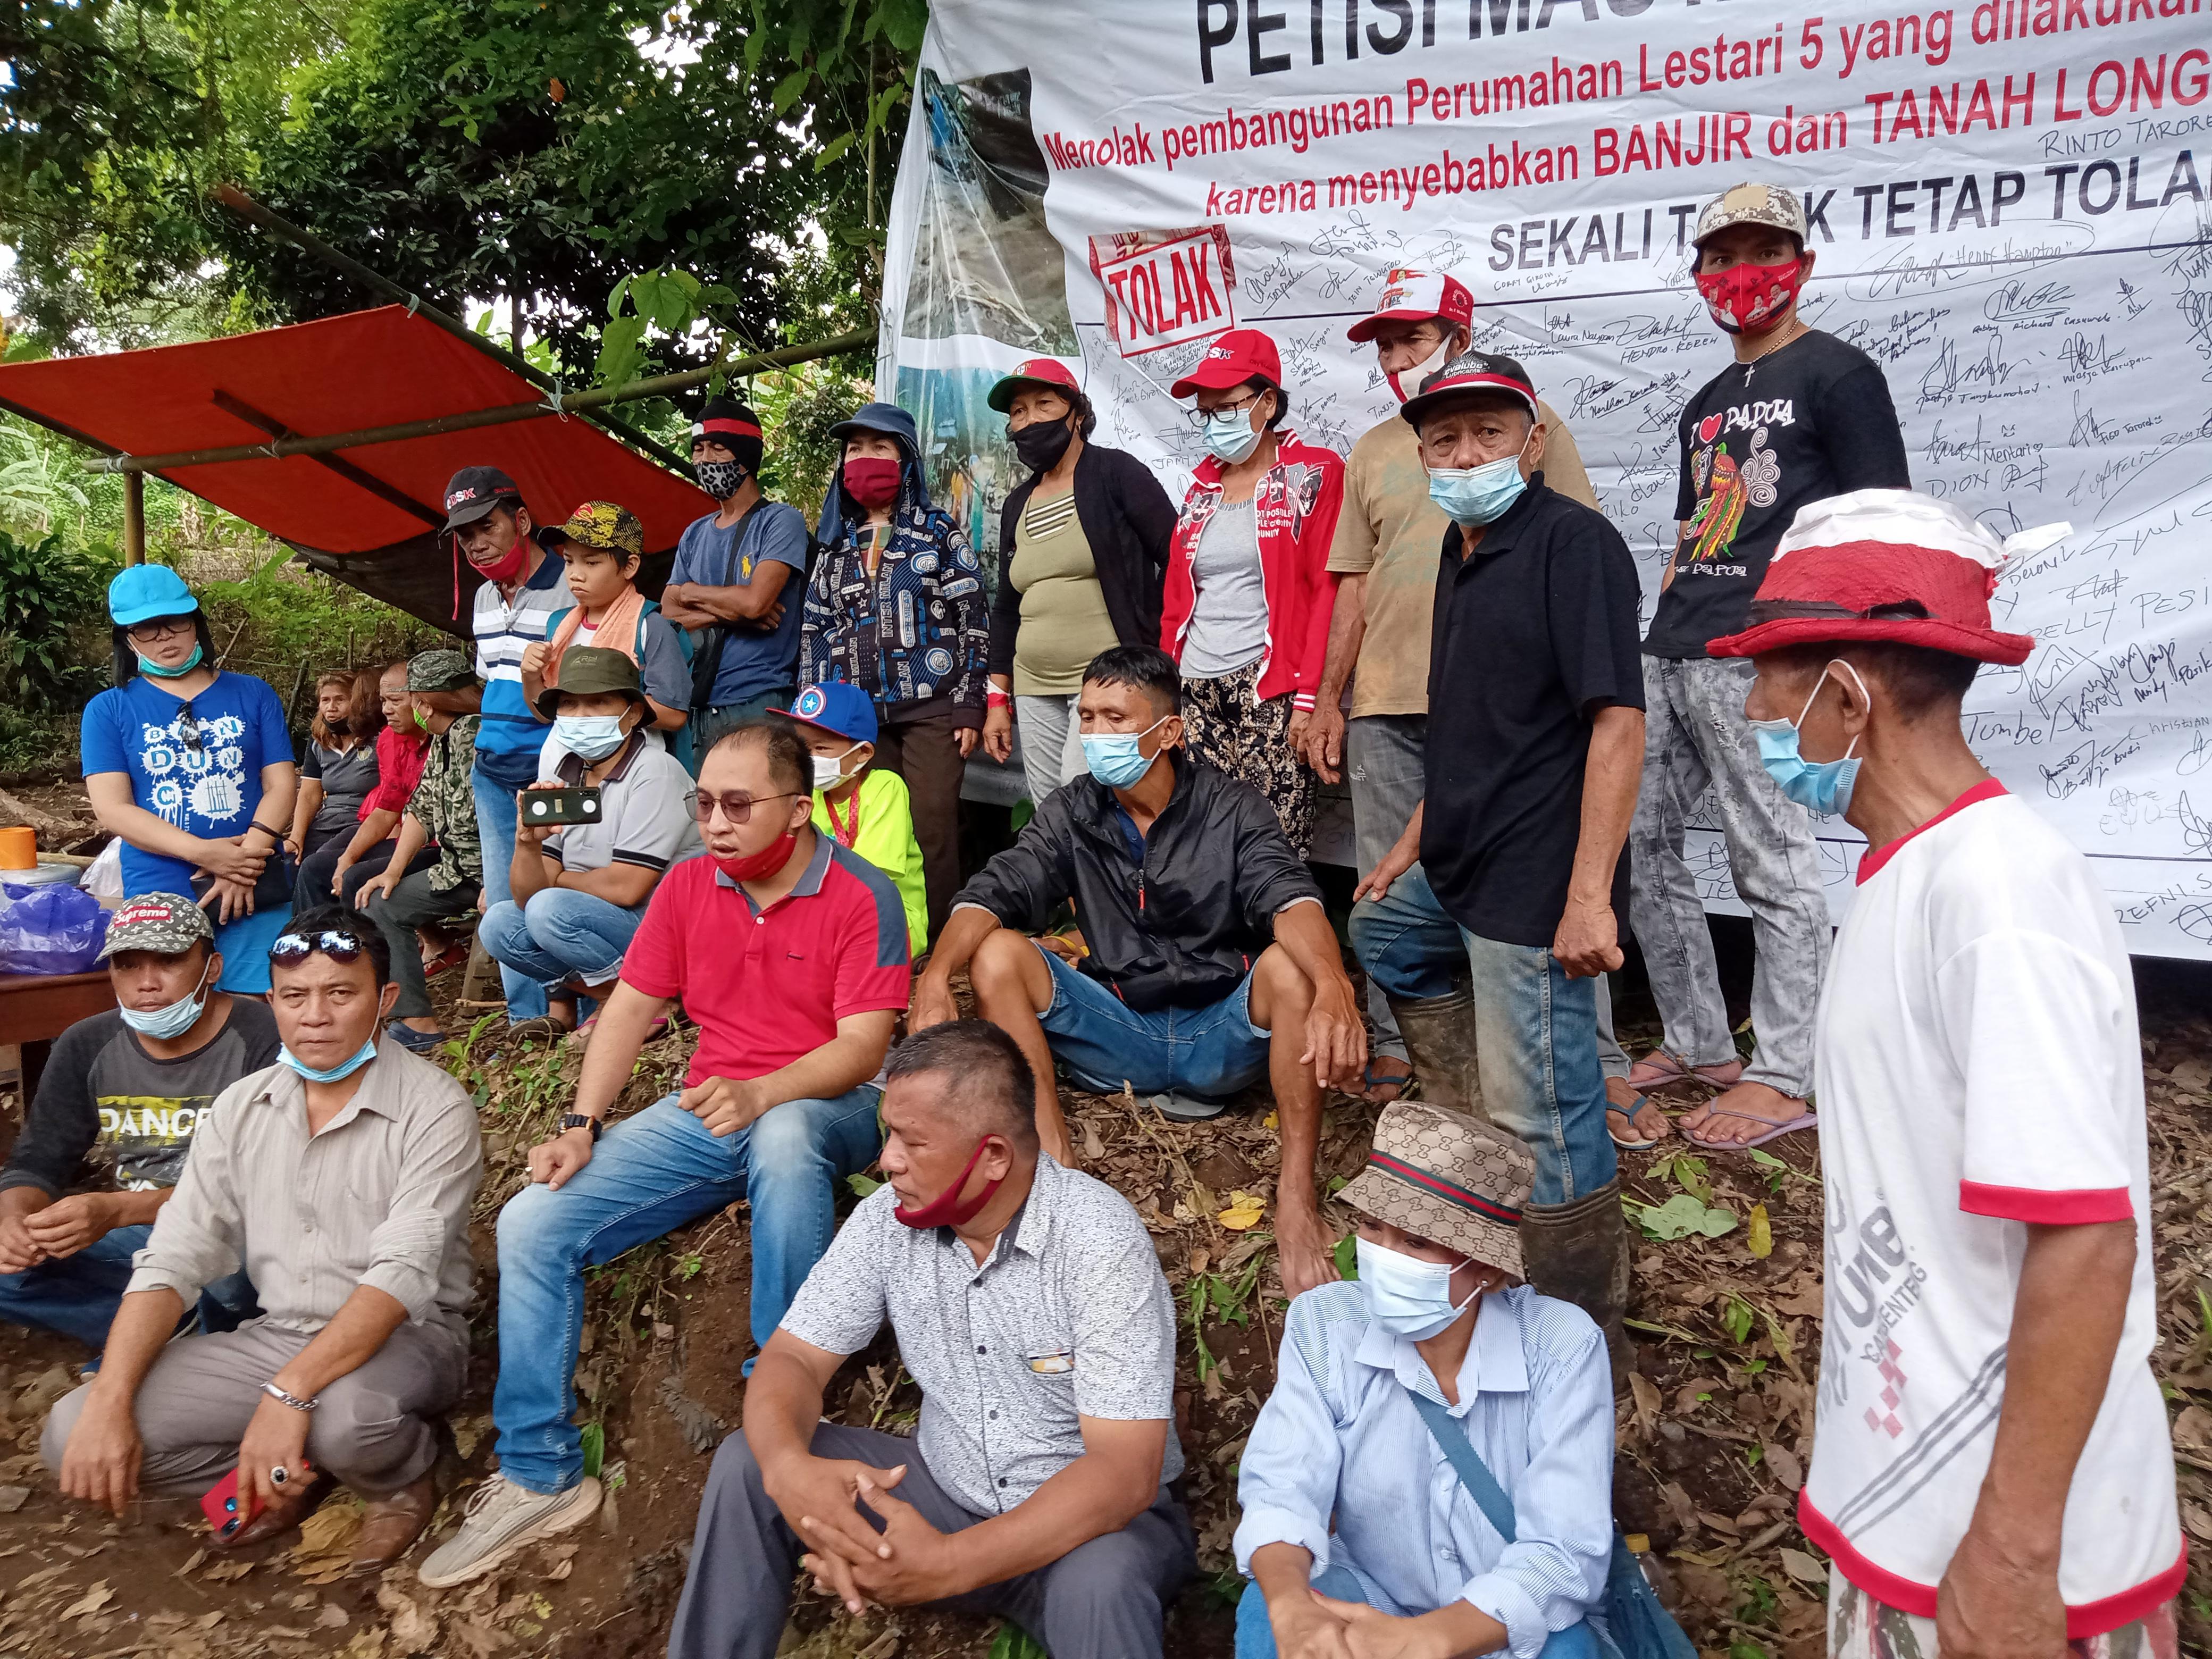 Walhi Sulut Bersama Aktivis Mahasiswa dan Masyarakat Tolak PT. BML di Desa Sea